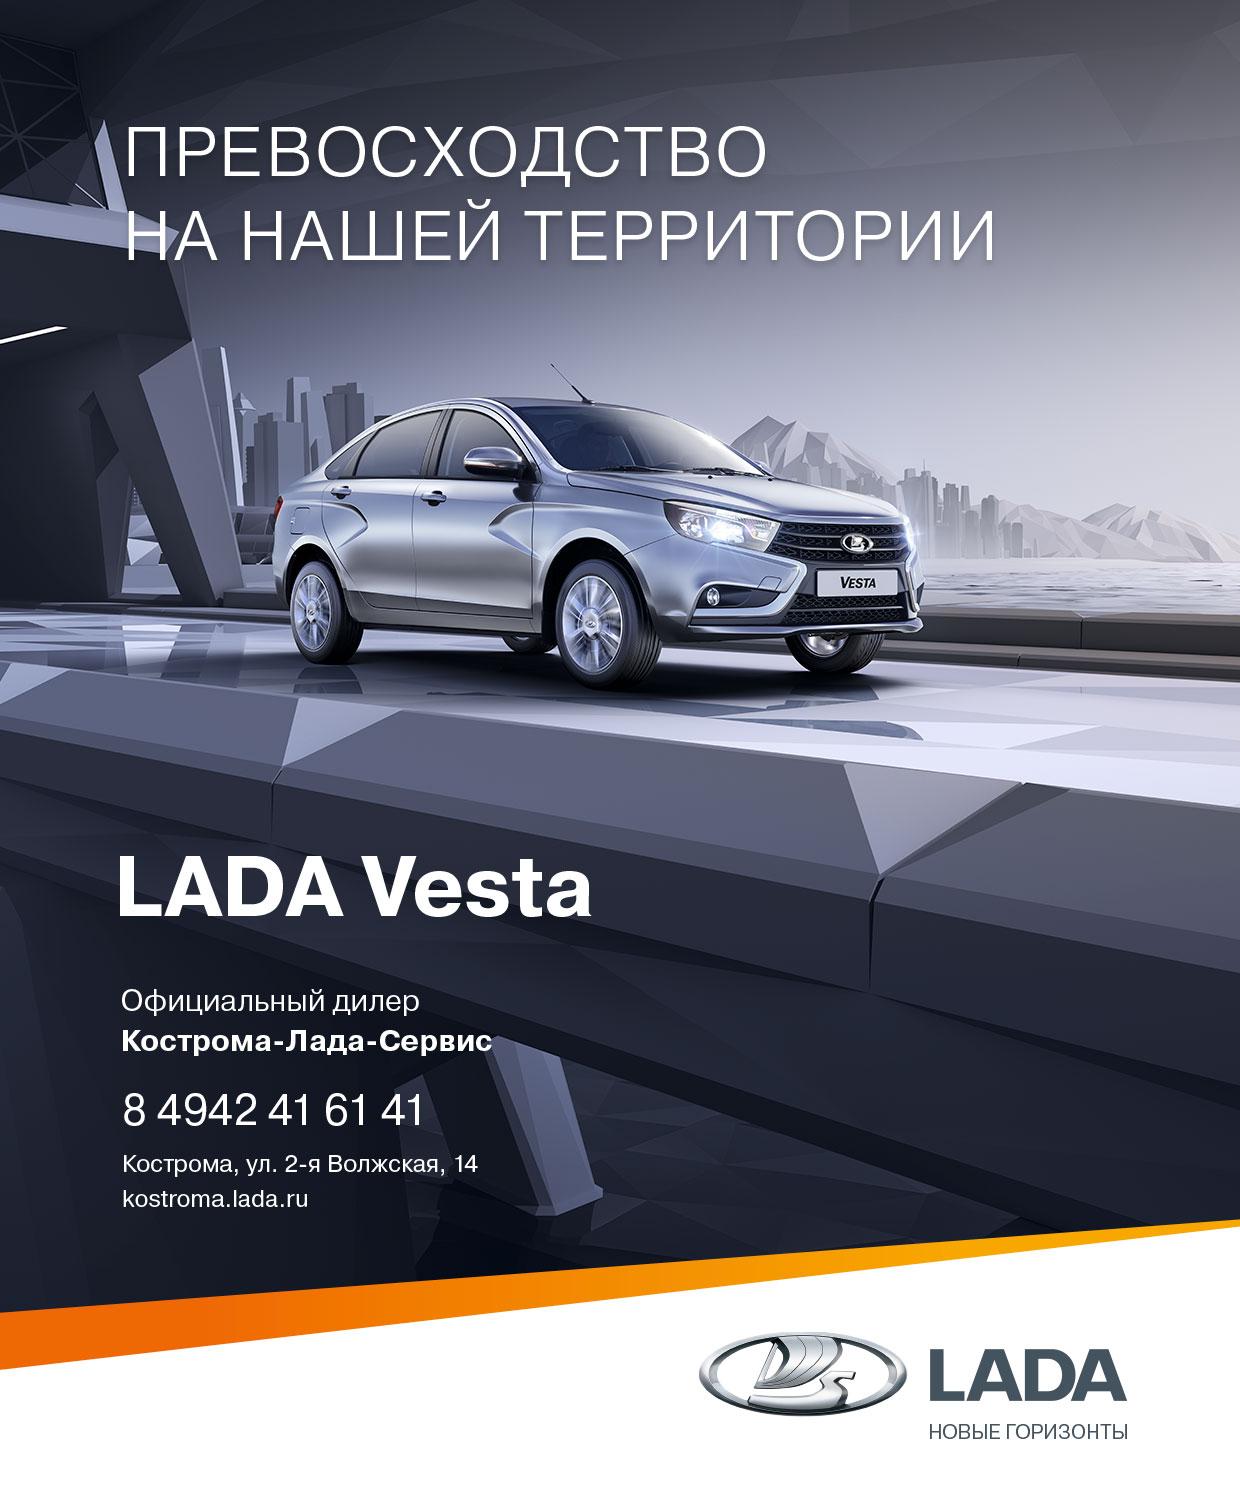 Только до 30.04!Специальные цены каждый день!LADA Vesta седан от 606510 руб. по госпрограмме для всех